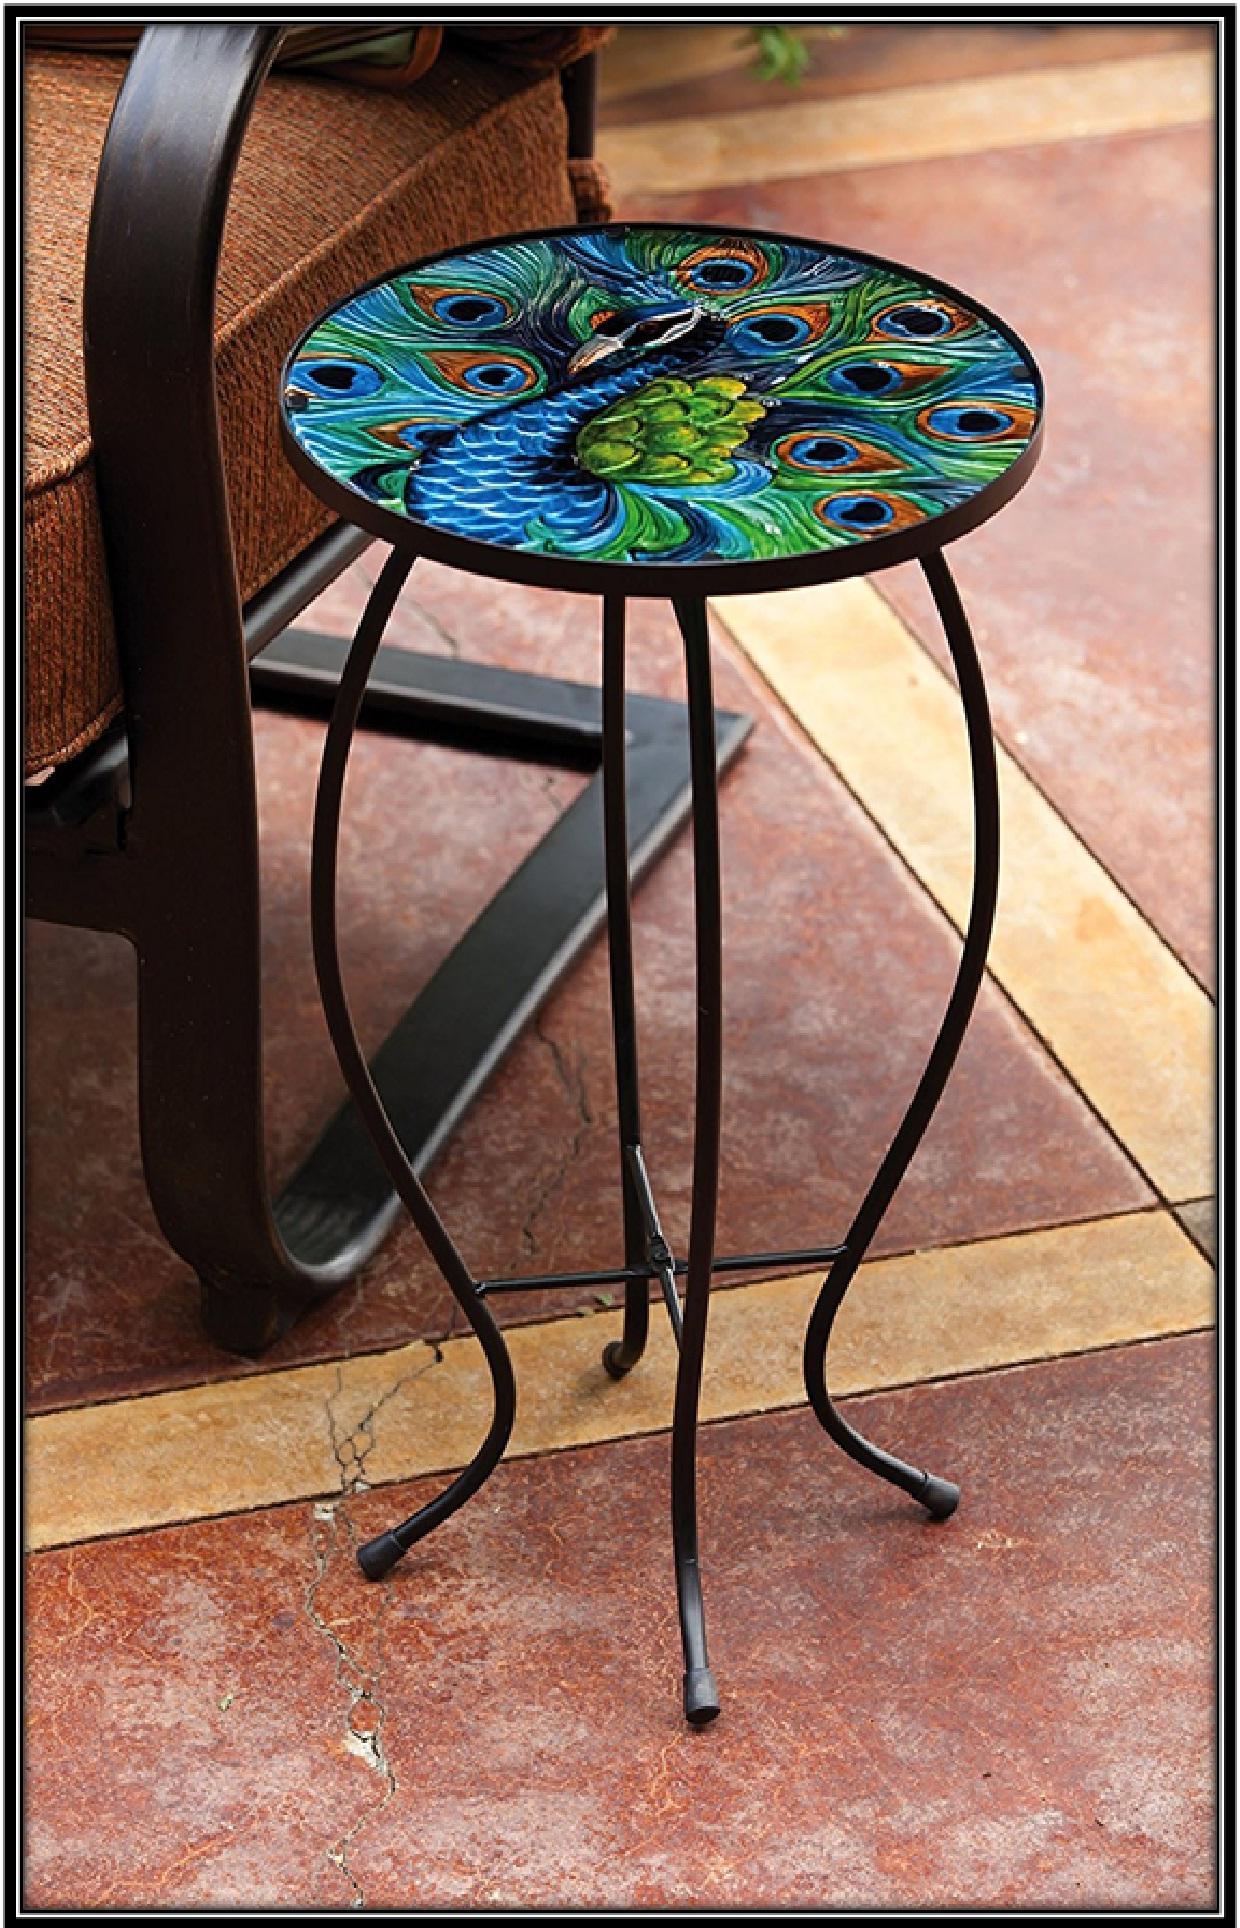 A side table - home decor ideas